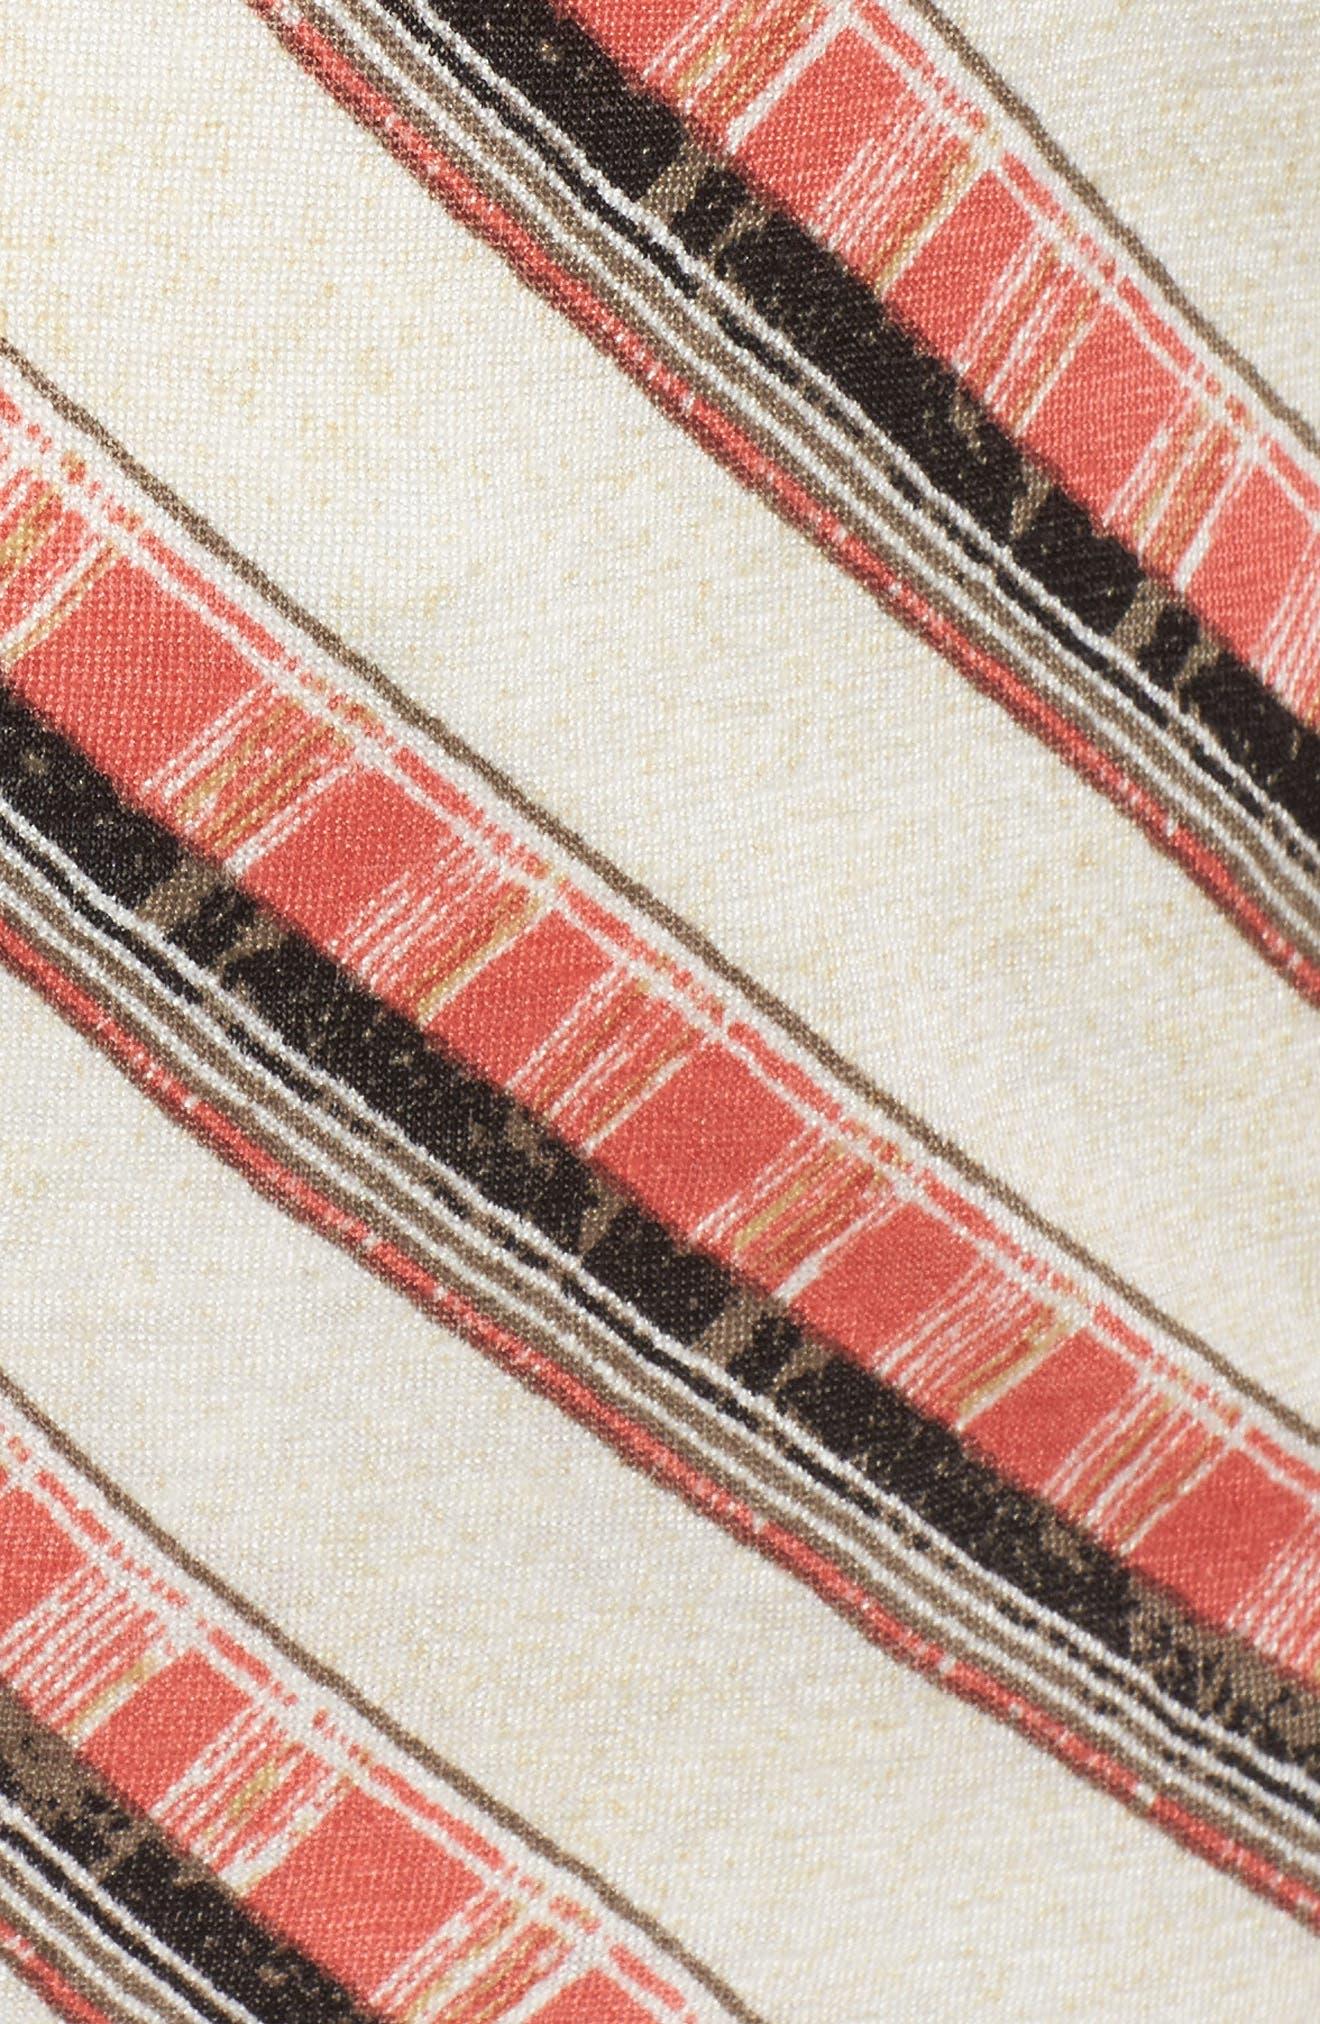 NIC + ZOE Firecracker Linen Blend Top,                             Alternate thumbnail 5, color,                             MULTI